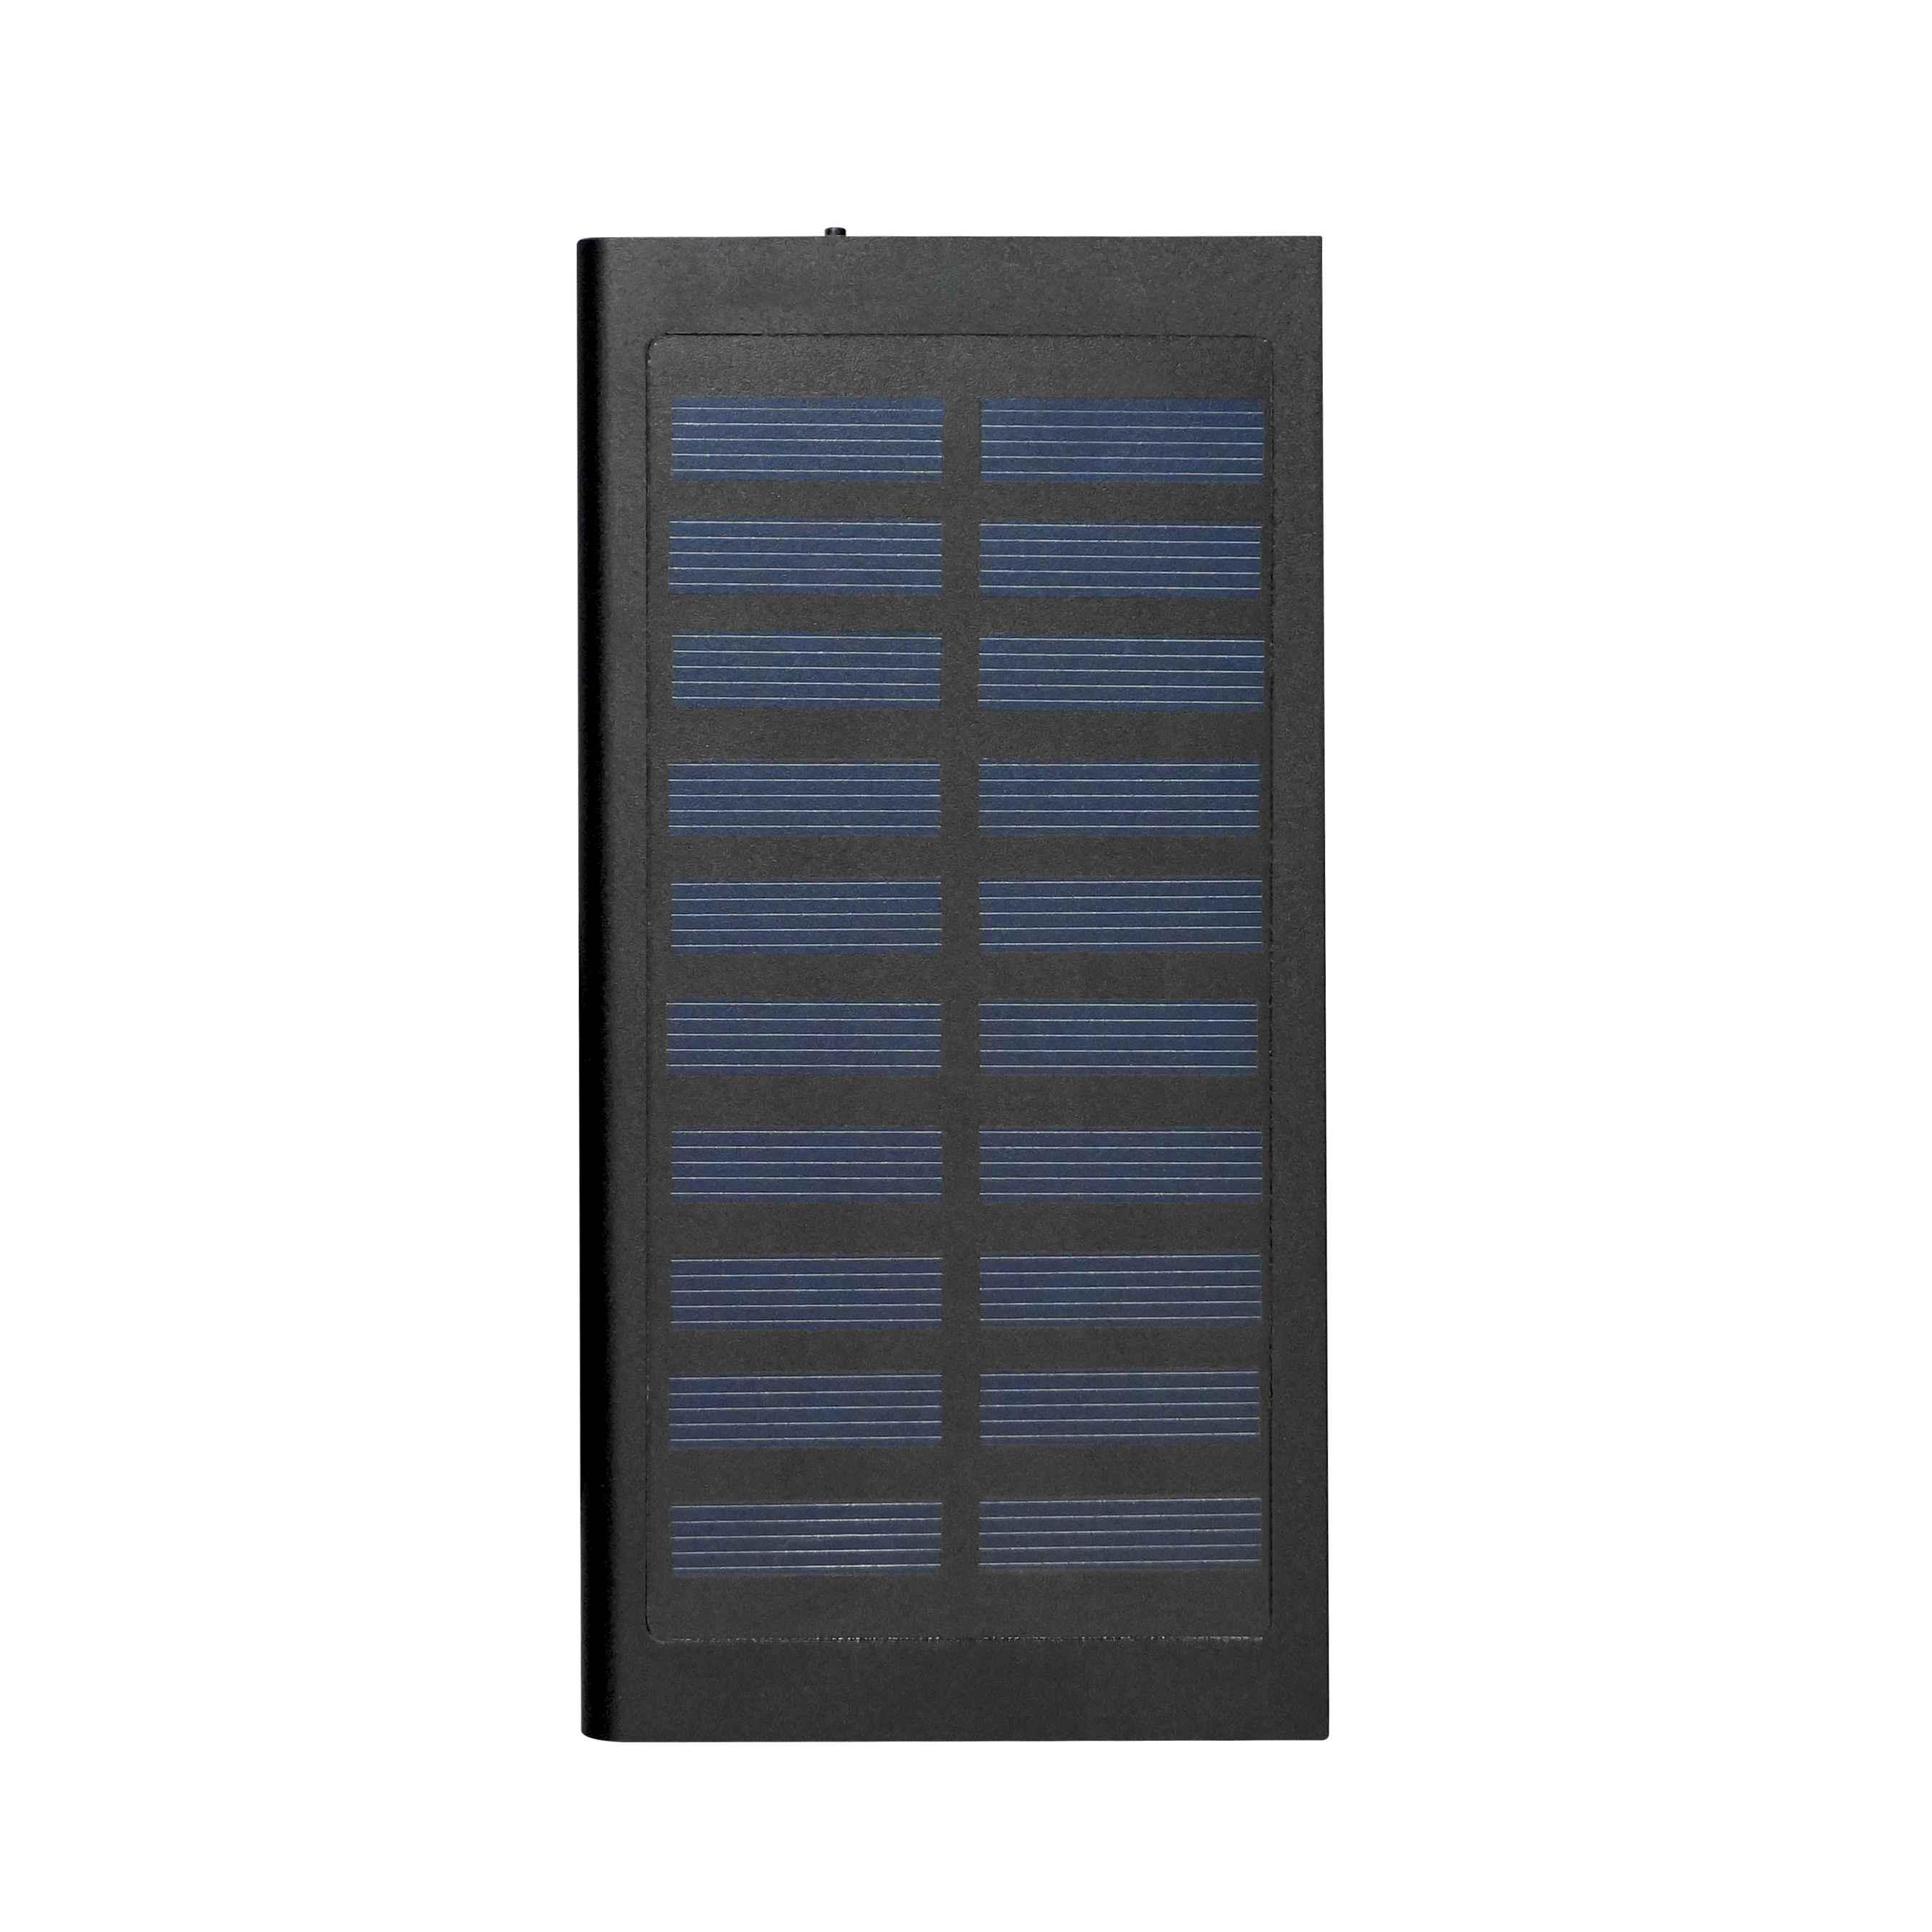 Chargeur solaire publicitaire Sunpower noir - powerbank personnalisable